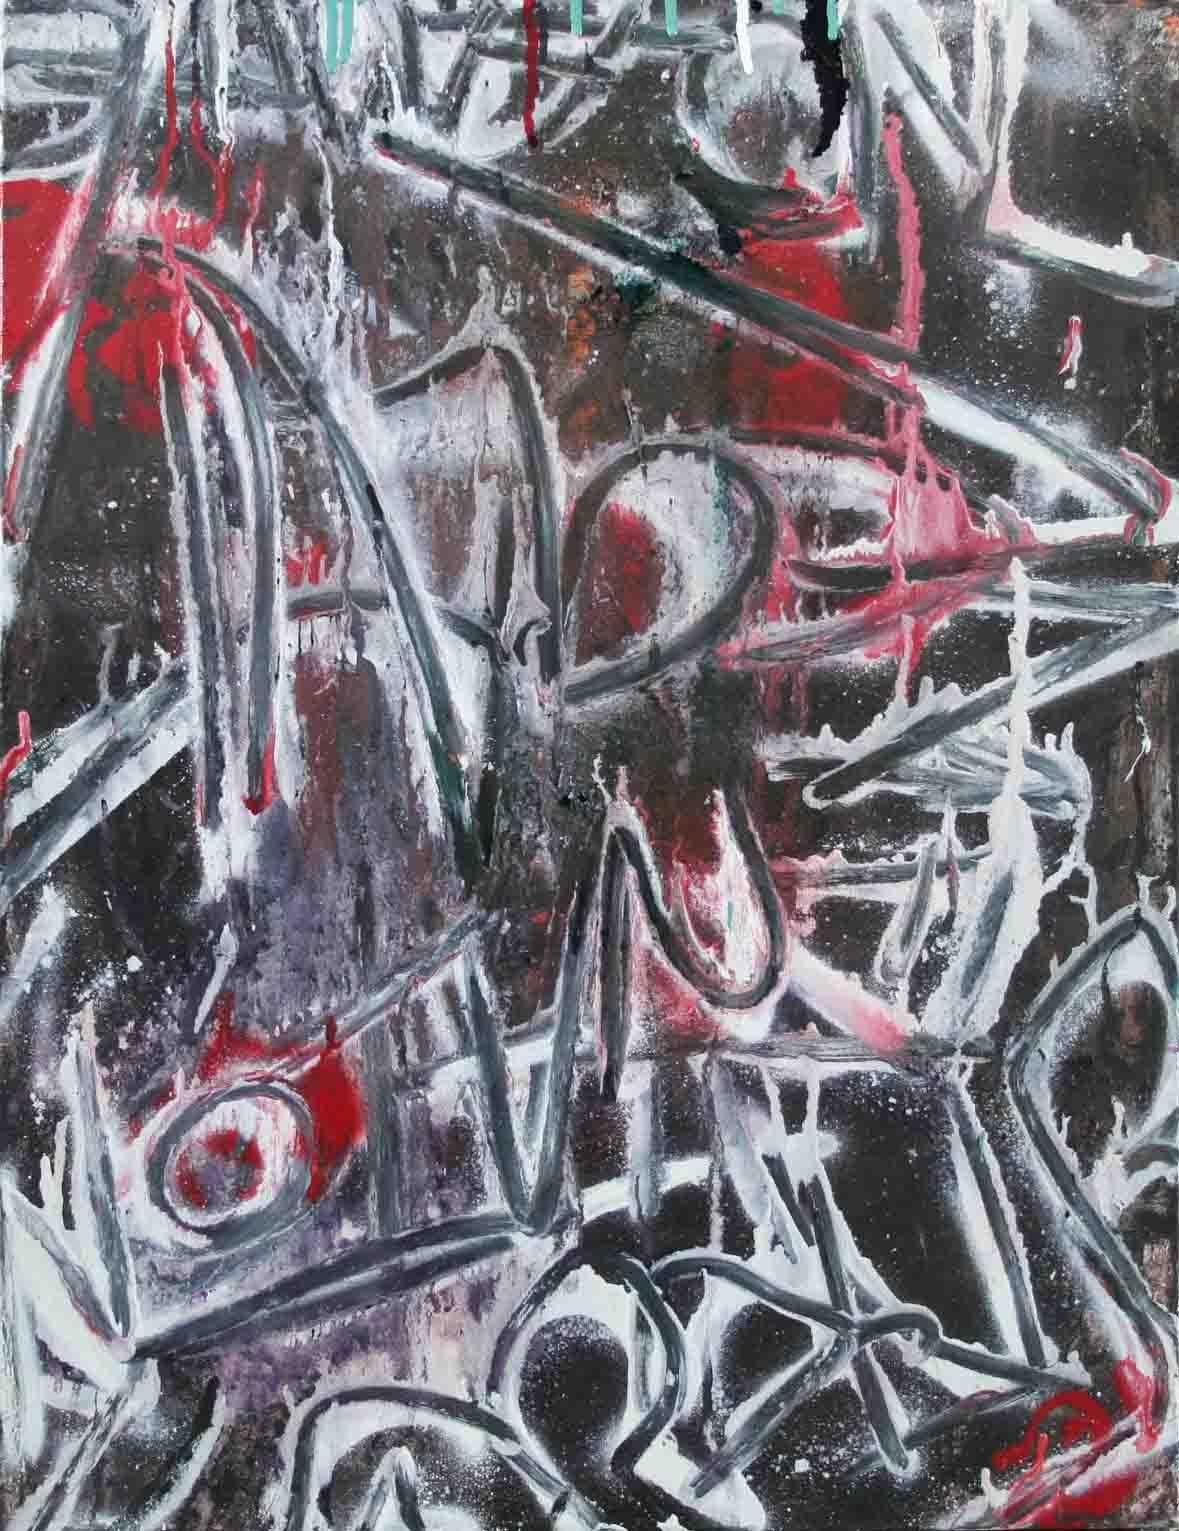 tableau abstrait les maux en blanc et noir